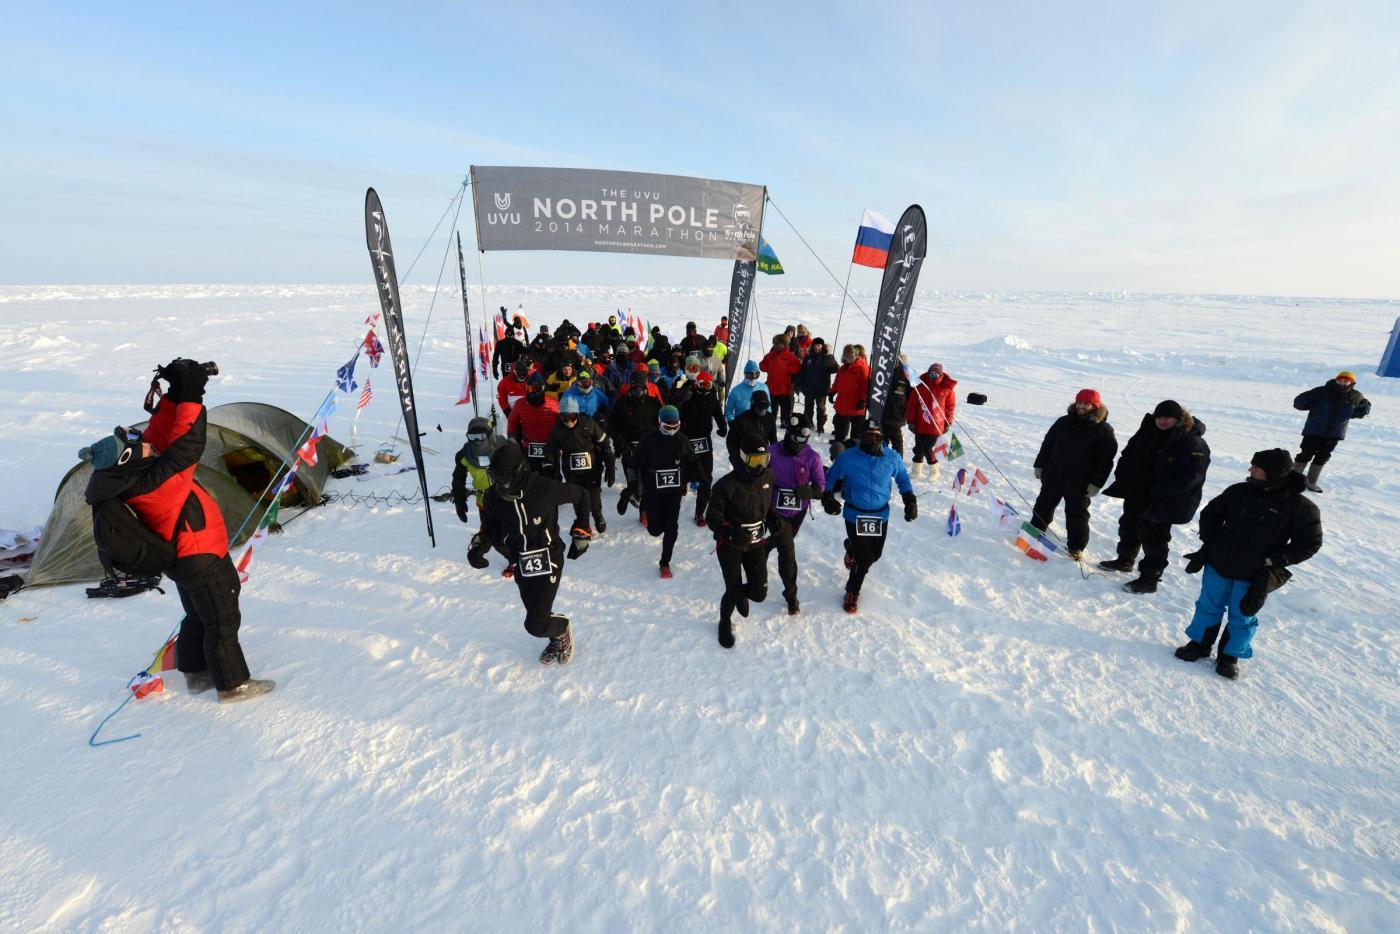 La Maratona del Polo Nord 42 km a - 30 gradi02